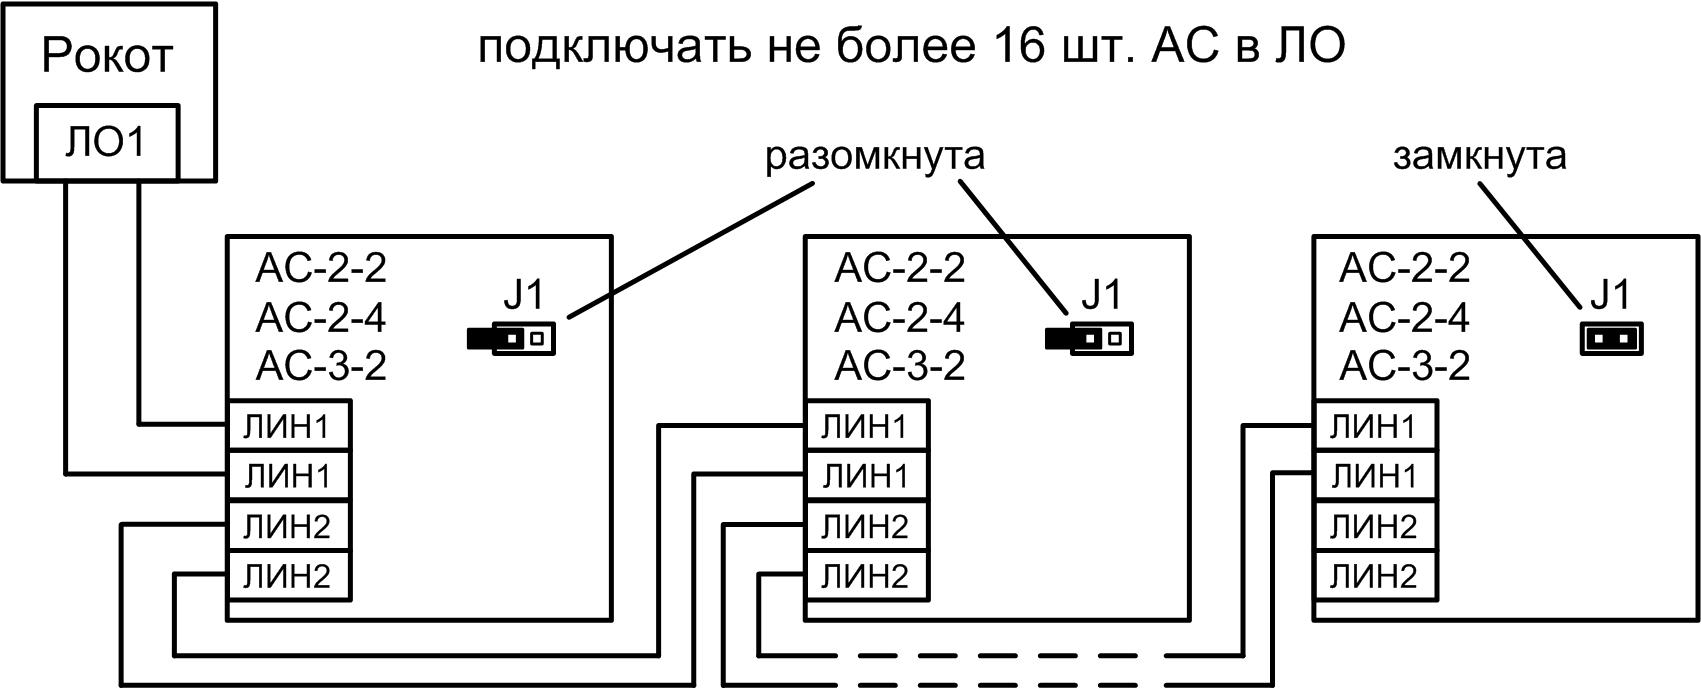 Ас-2 схема подключения